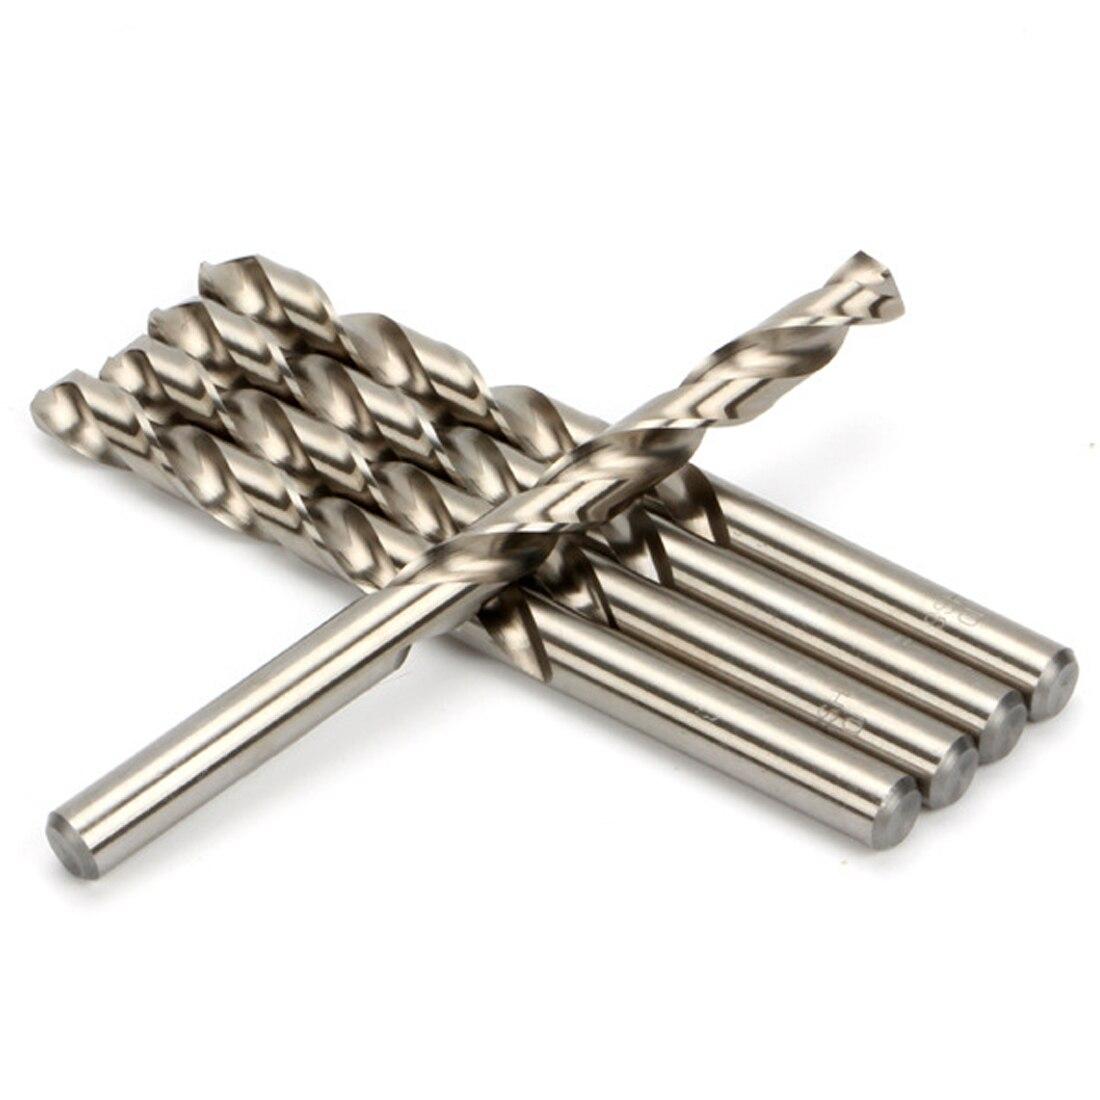 White Steel Twist HSS Drill Bit Set 10pcs Mini High Speed For Dremel Rotary Tool for Wenwan//Amber//Bodhi//Walnut 0.5mm-3.0mm Drill